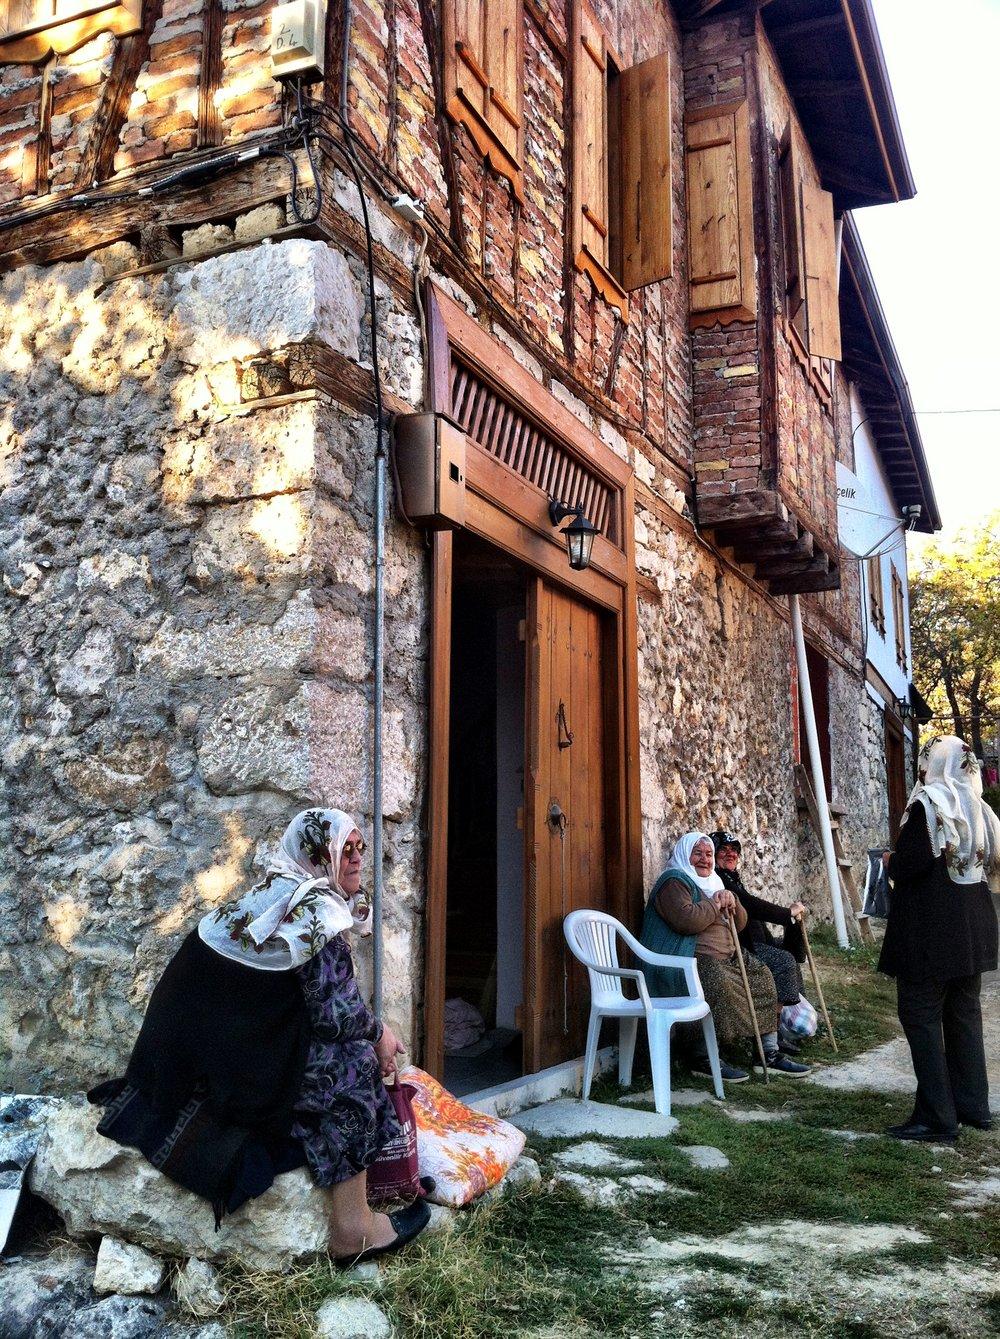 yörük_köyü_2013-10-15 17.18.20.jpg